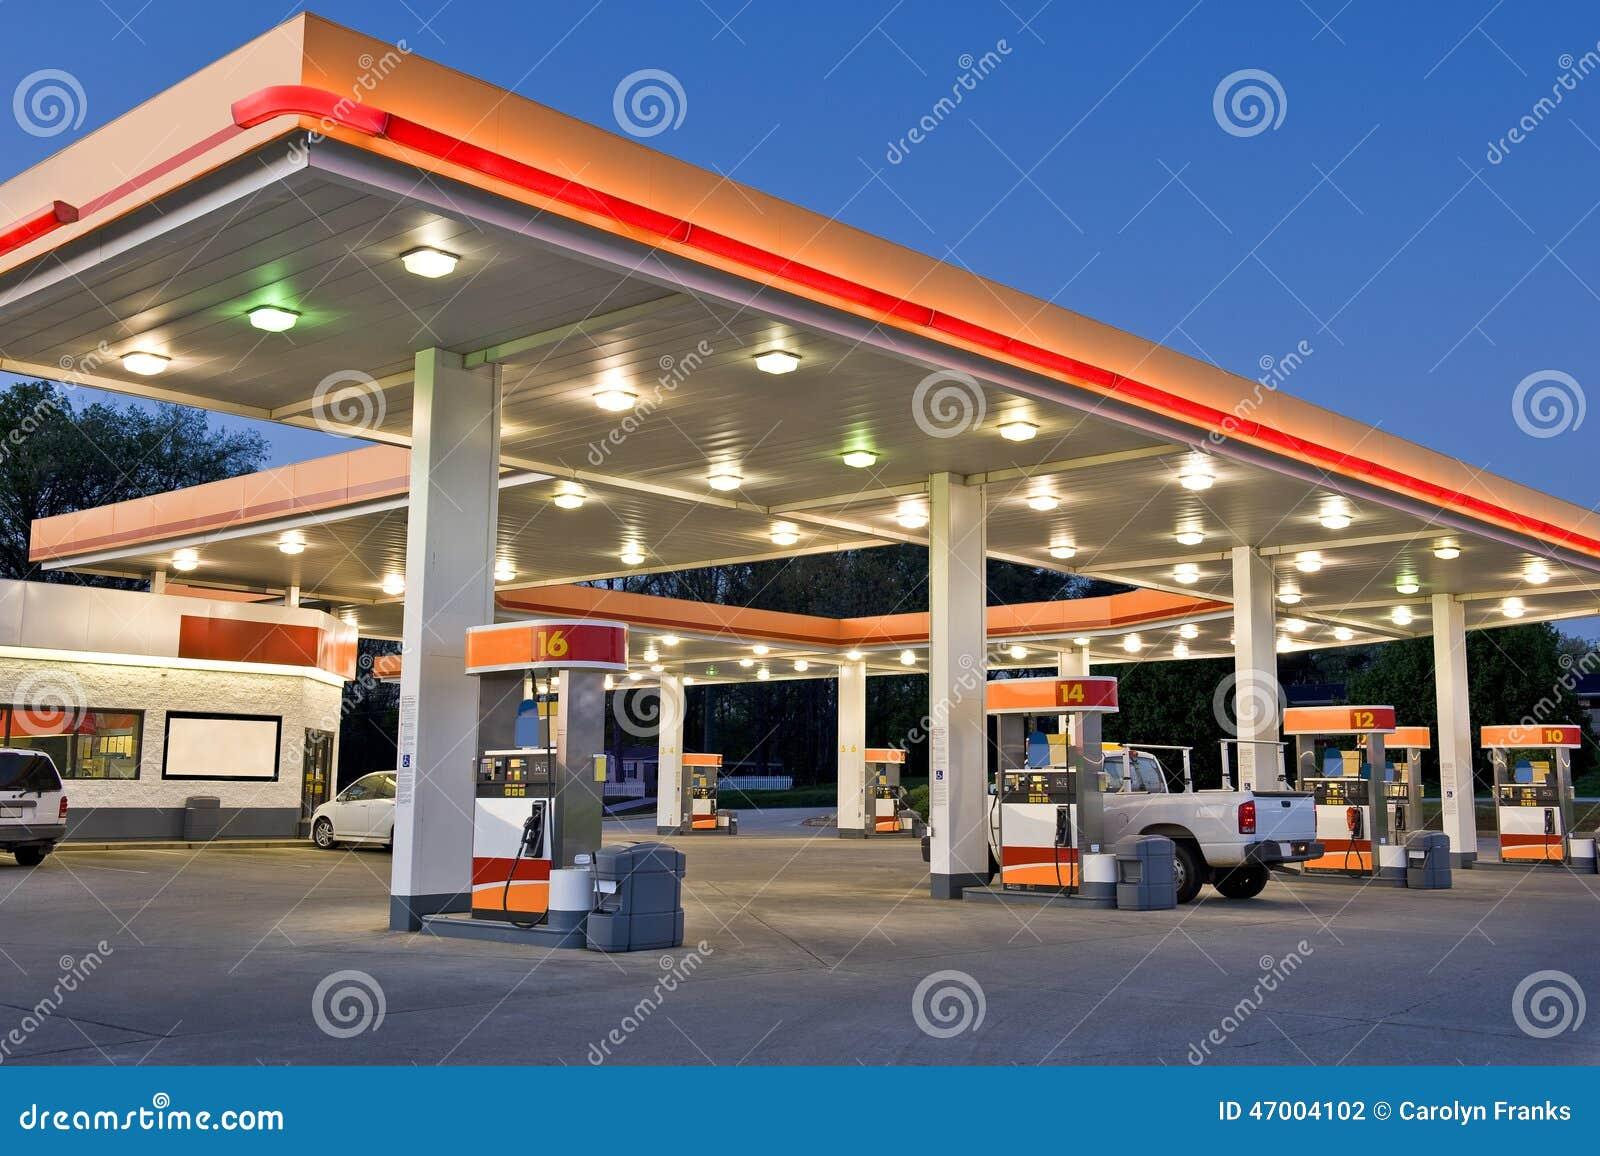 station et picerie d 39 essence d taillantes photo stock image du domestique image 47004102. Black Bedroom Furniture Sets. Home Design Ideas